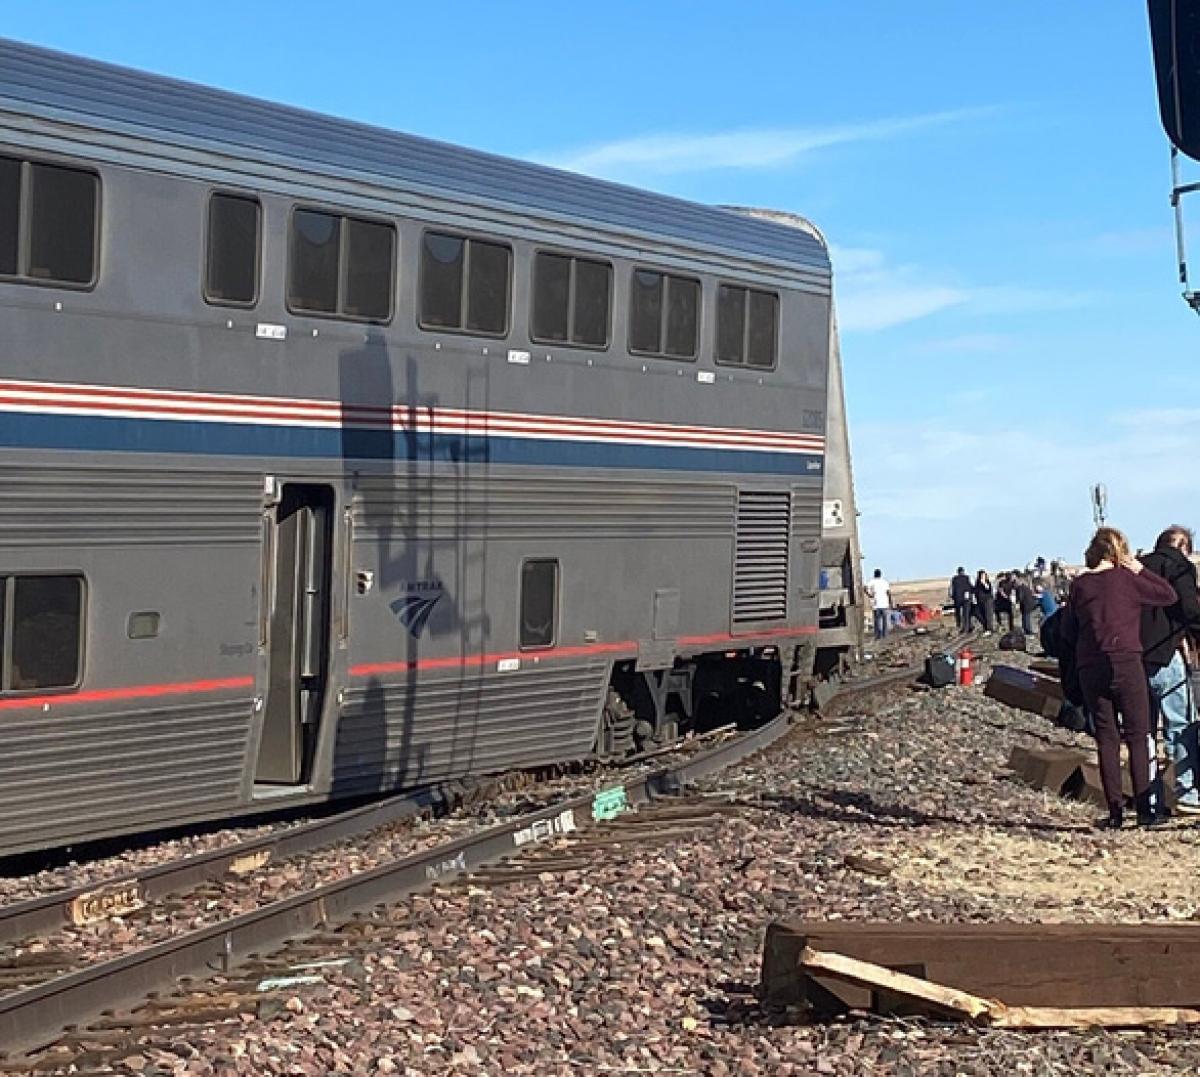 Đoàn tàu trật bánh khiến ít nhất 3 người thiệt mạng và 50 người bị thương ở bang Montana (Mỹ). (Ảnh: NYT)